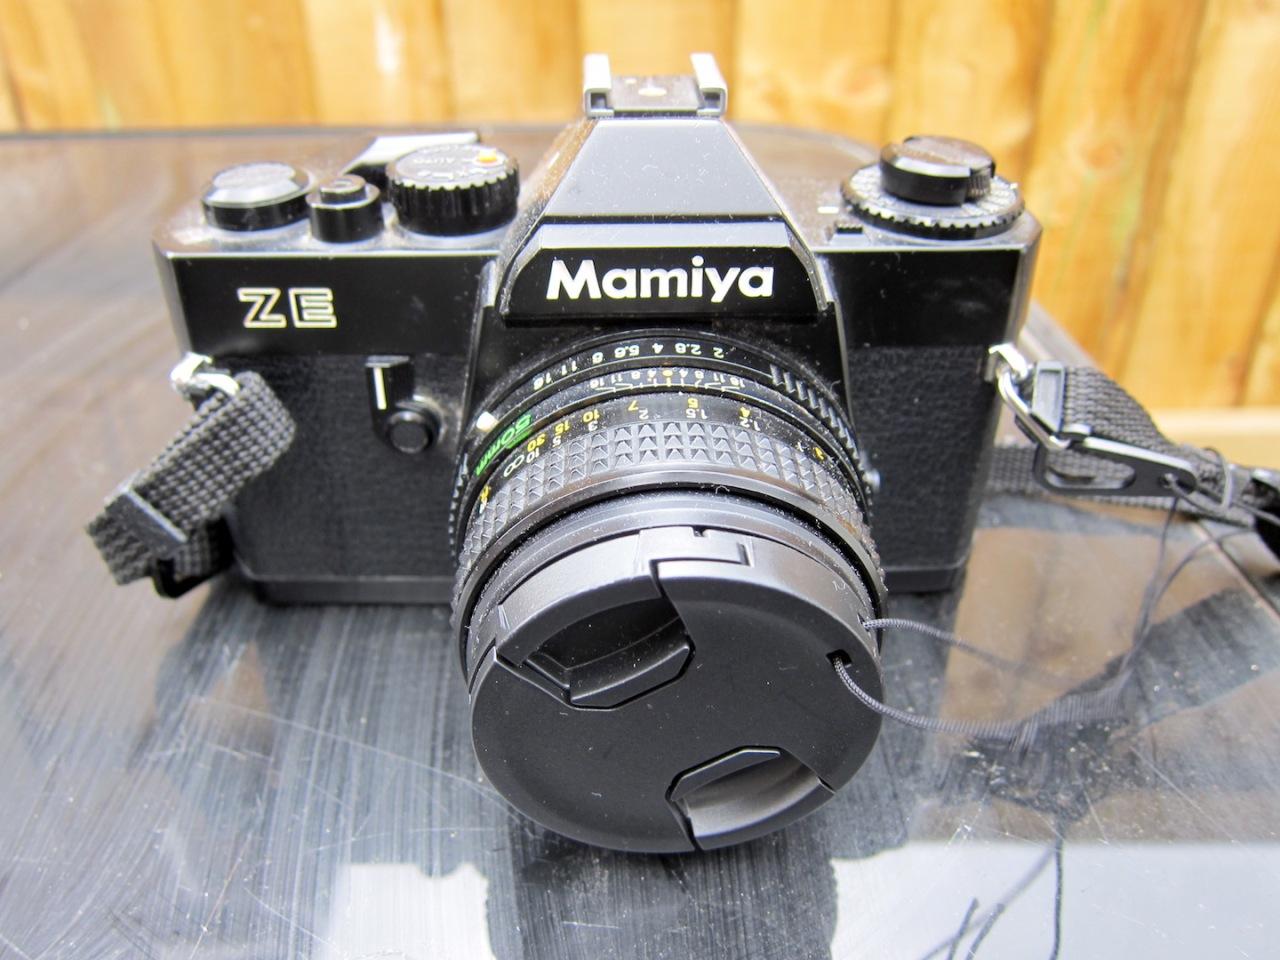 Mamiya ZE